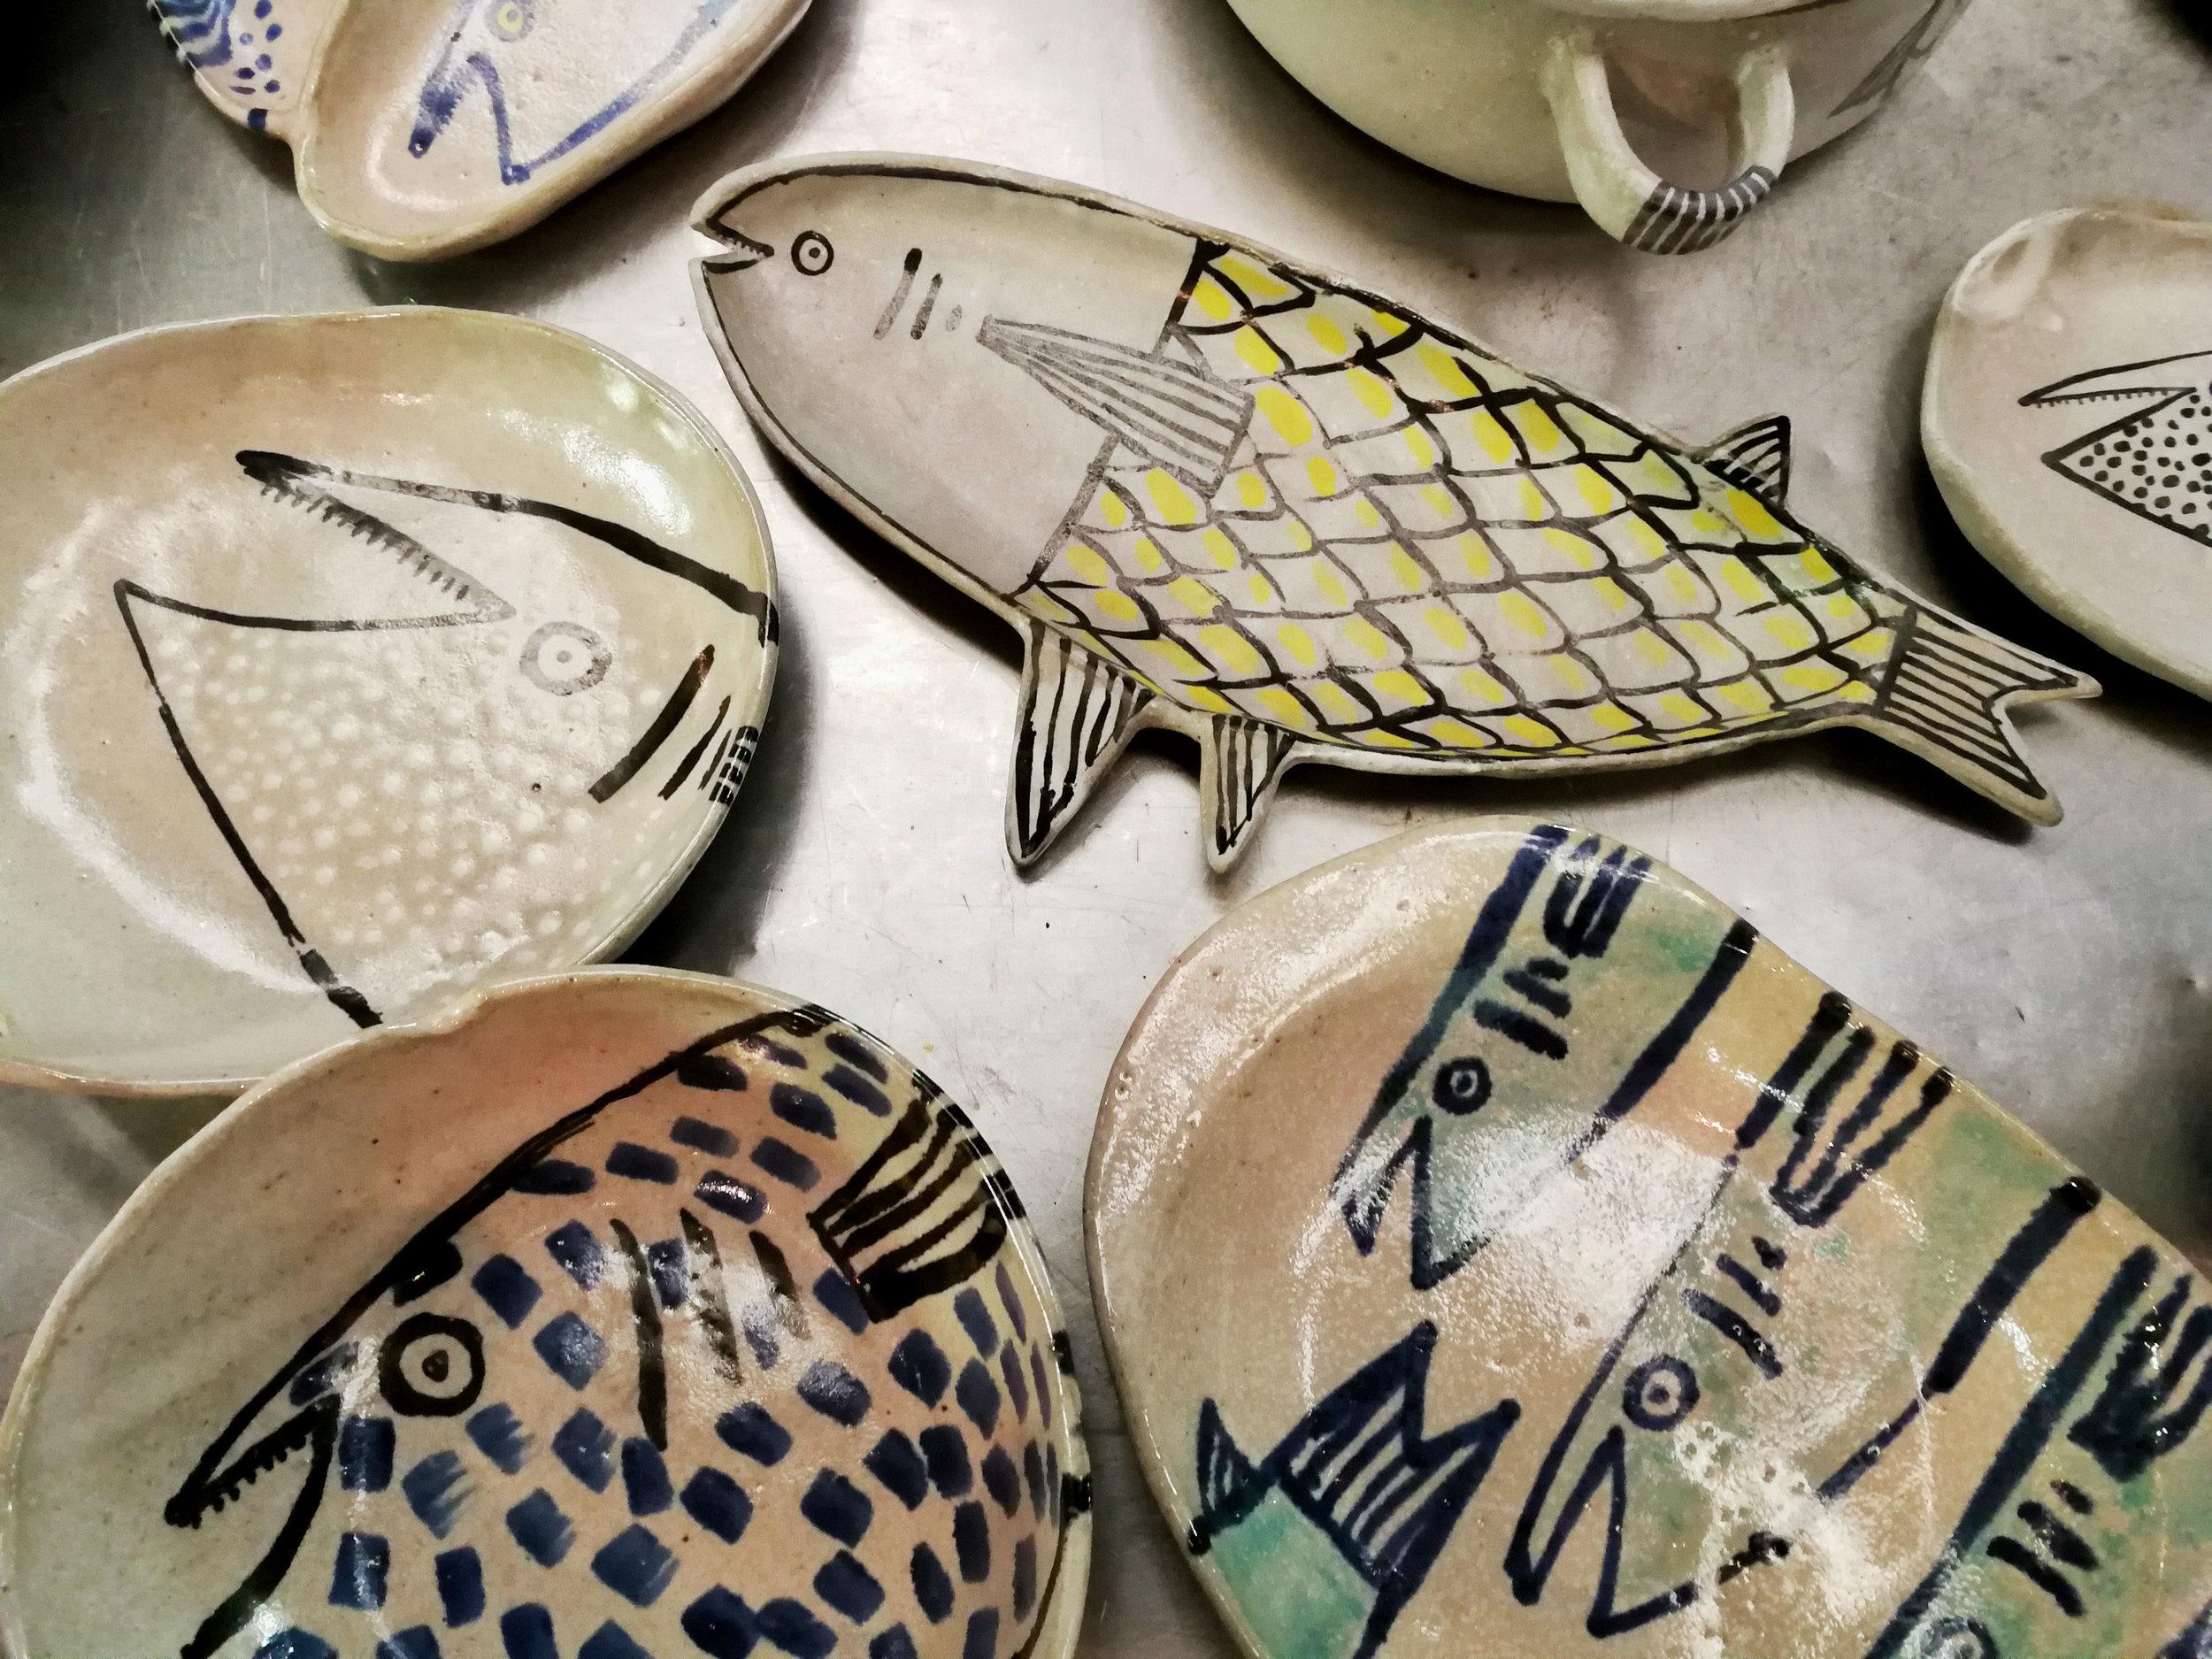 algunas de las joyitas que tiene pez cocinado este finde (30/11-2/12) en feria hecho aquí, en la antigua aduana, san josé.